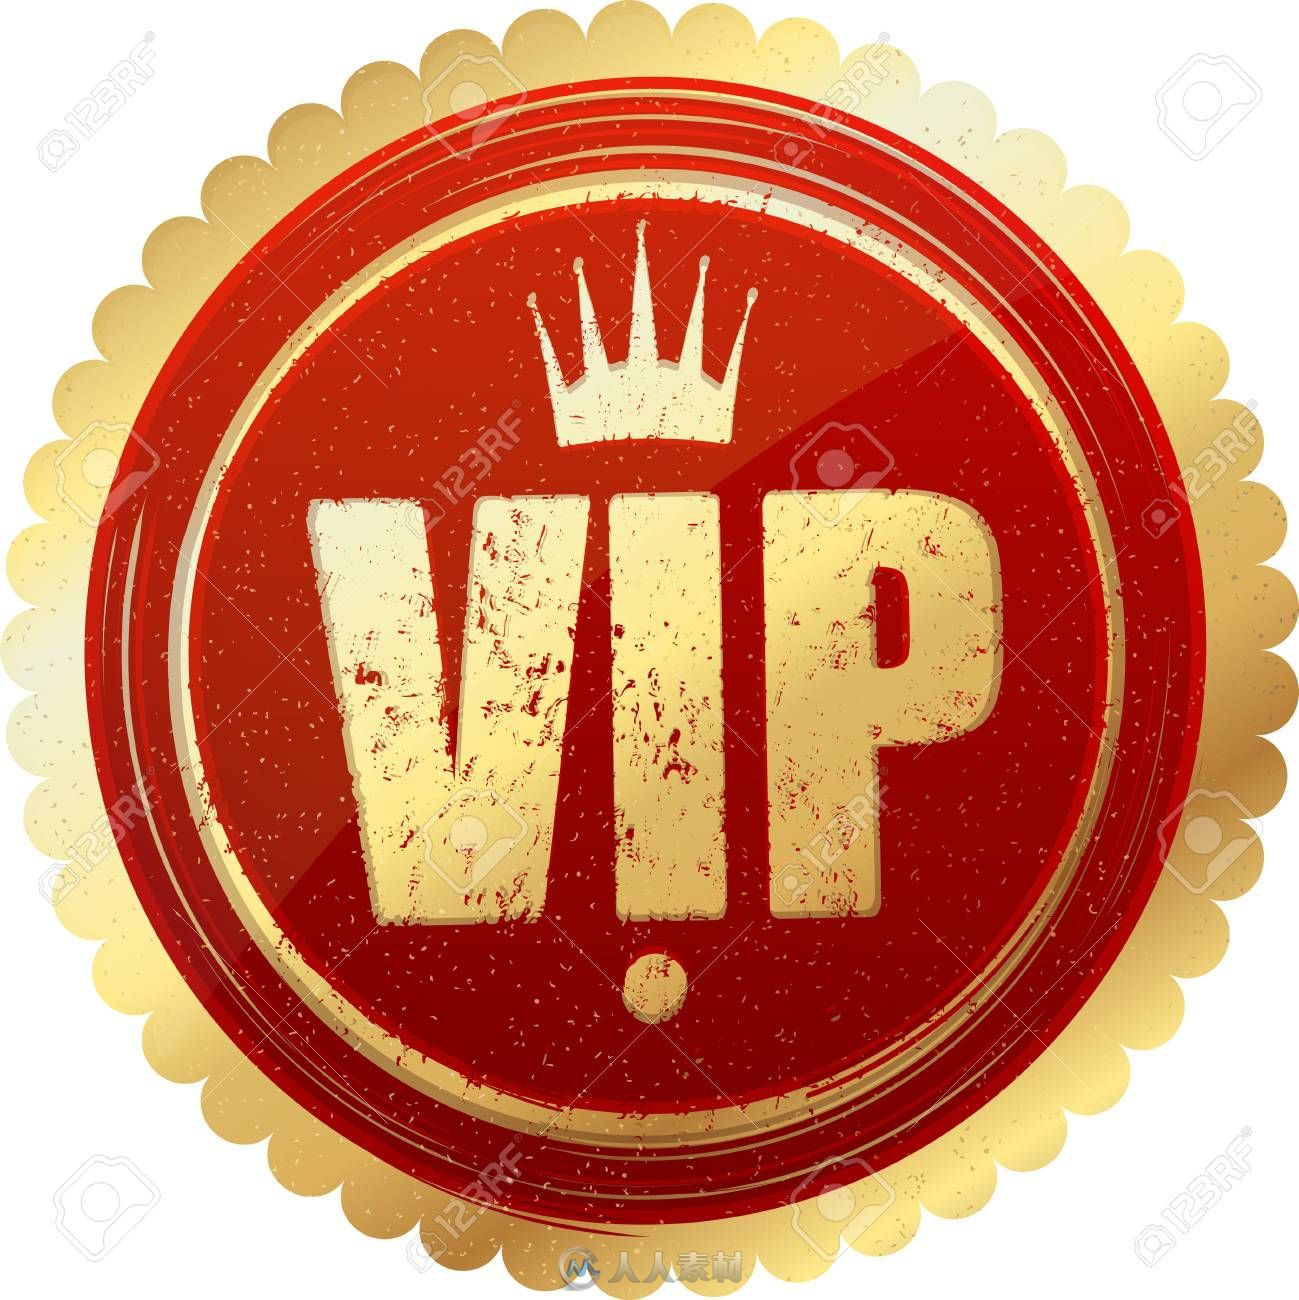 限时活动 | VIP会员限时特惠